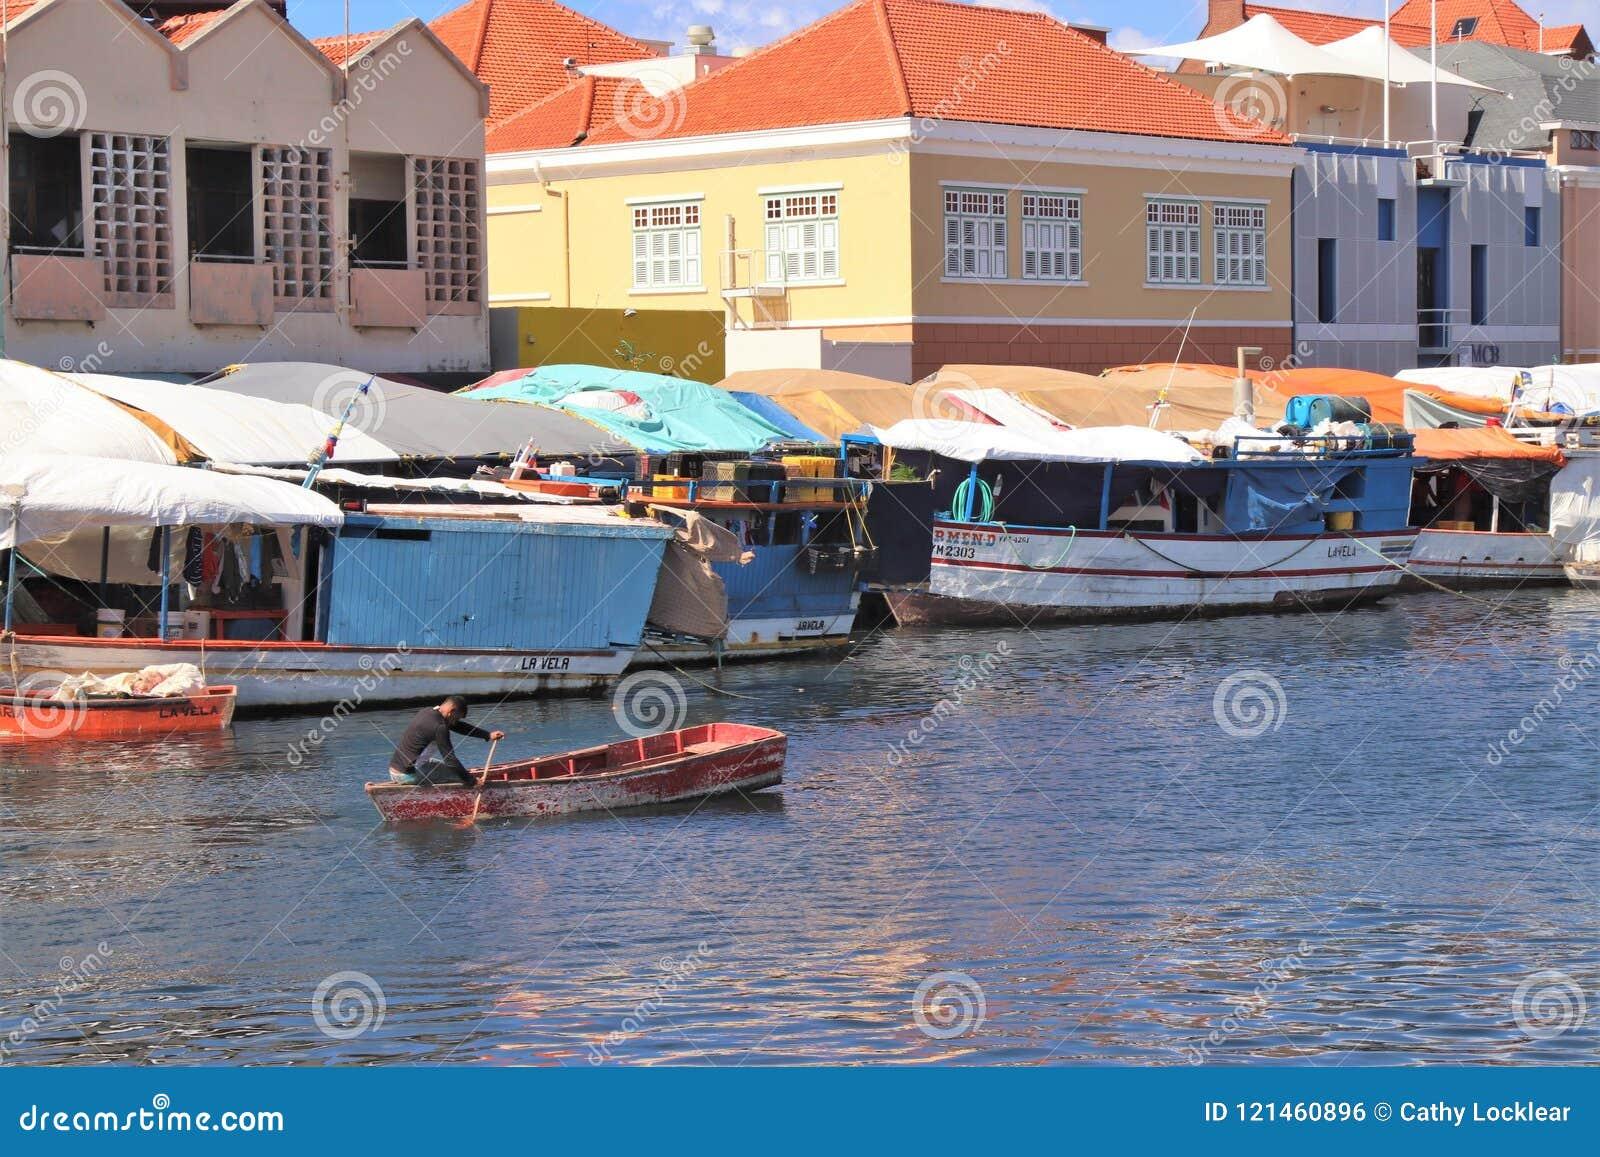 Willemstad, Curaçao - 12/17/17: Mercado flotante colorido en Curaçao